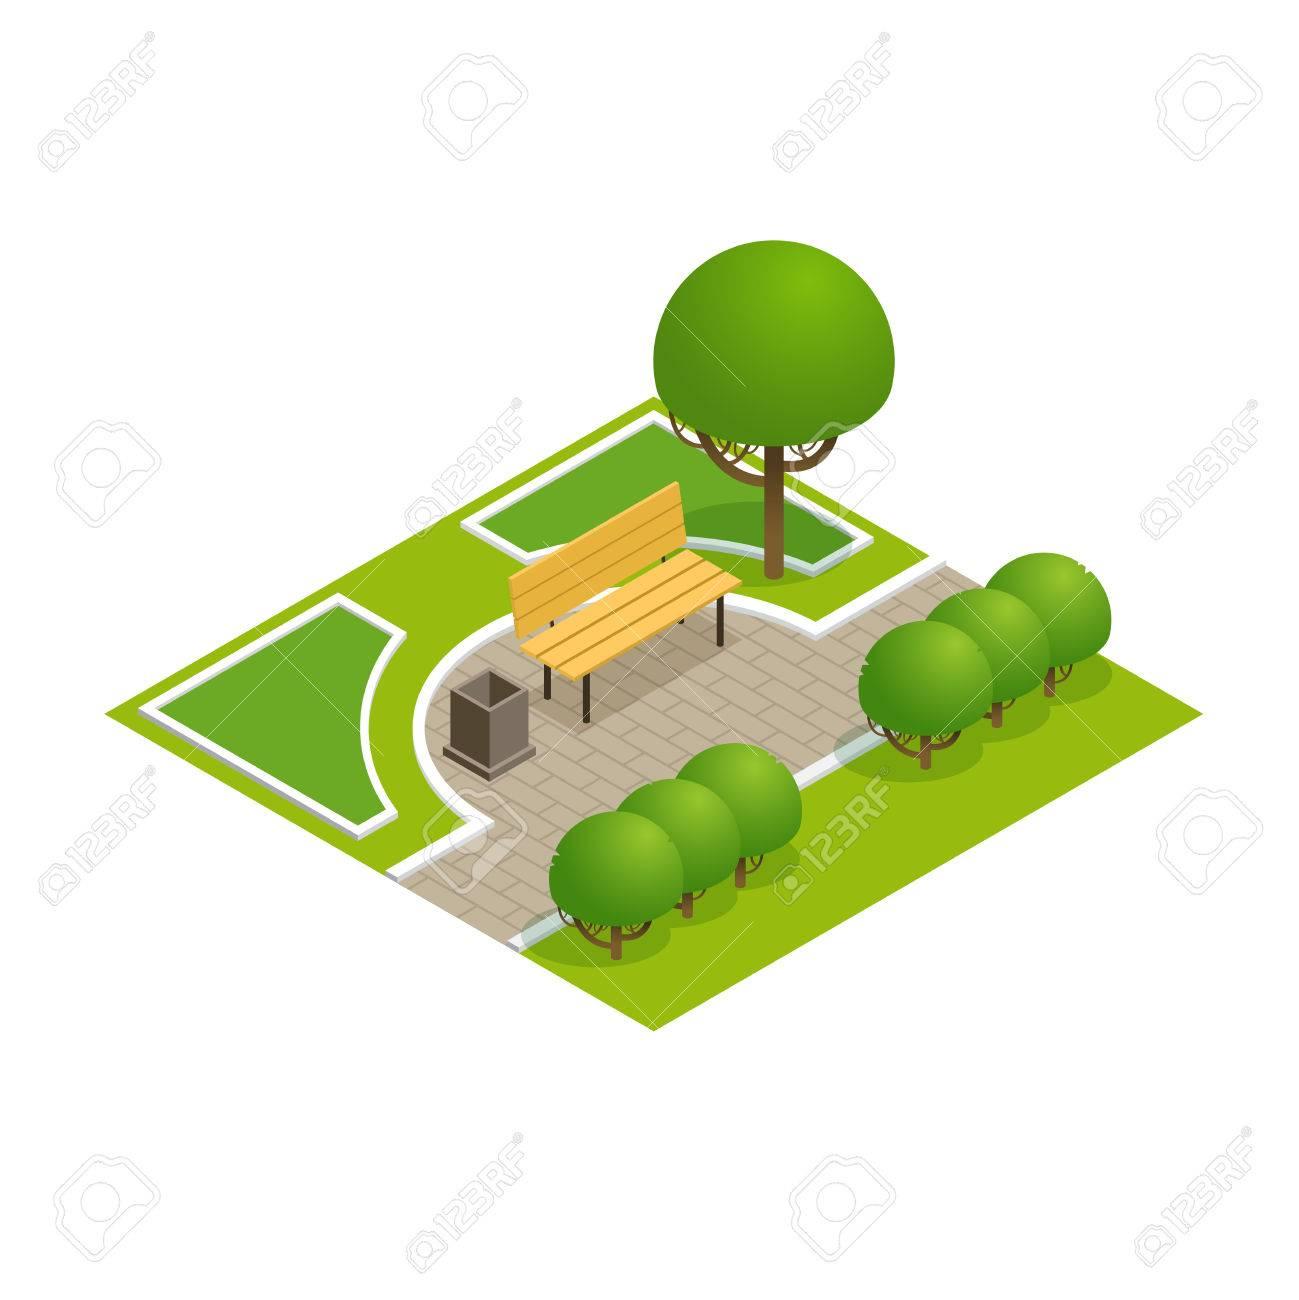 concept de parc avec des arbres, banc et trottoir en 3d de style